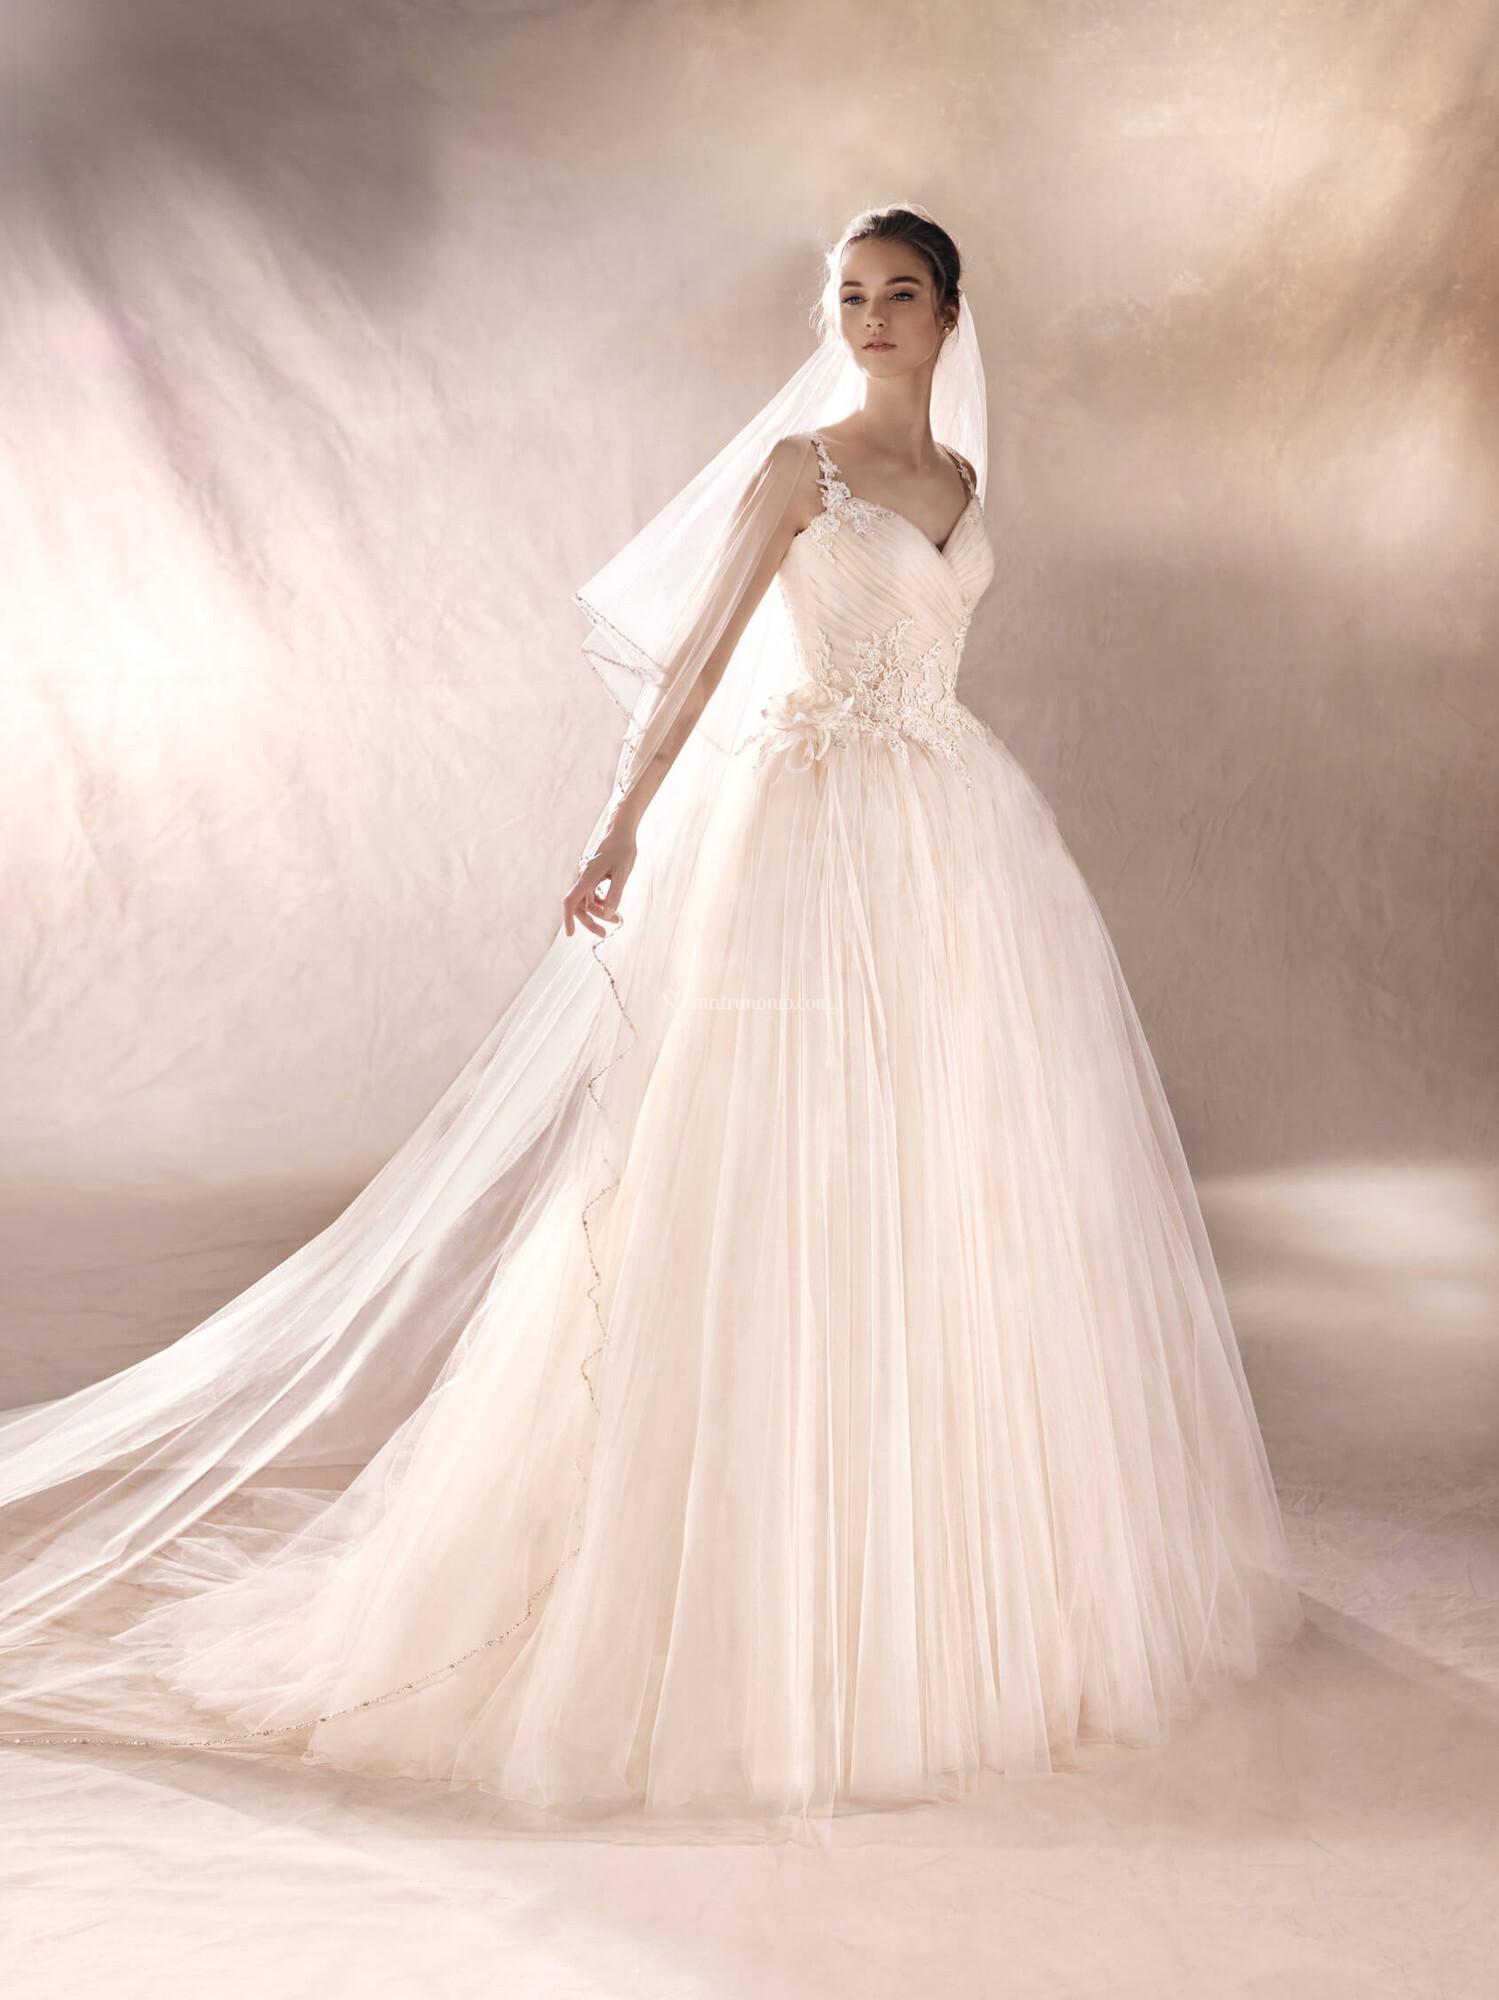 c5596b82aa38 Abiti da Sposa di White One - SIRA - Matrimonio.com